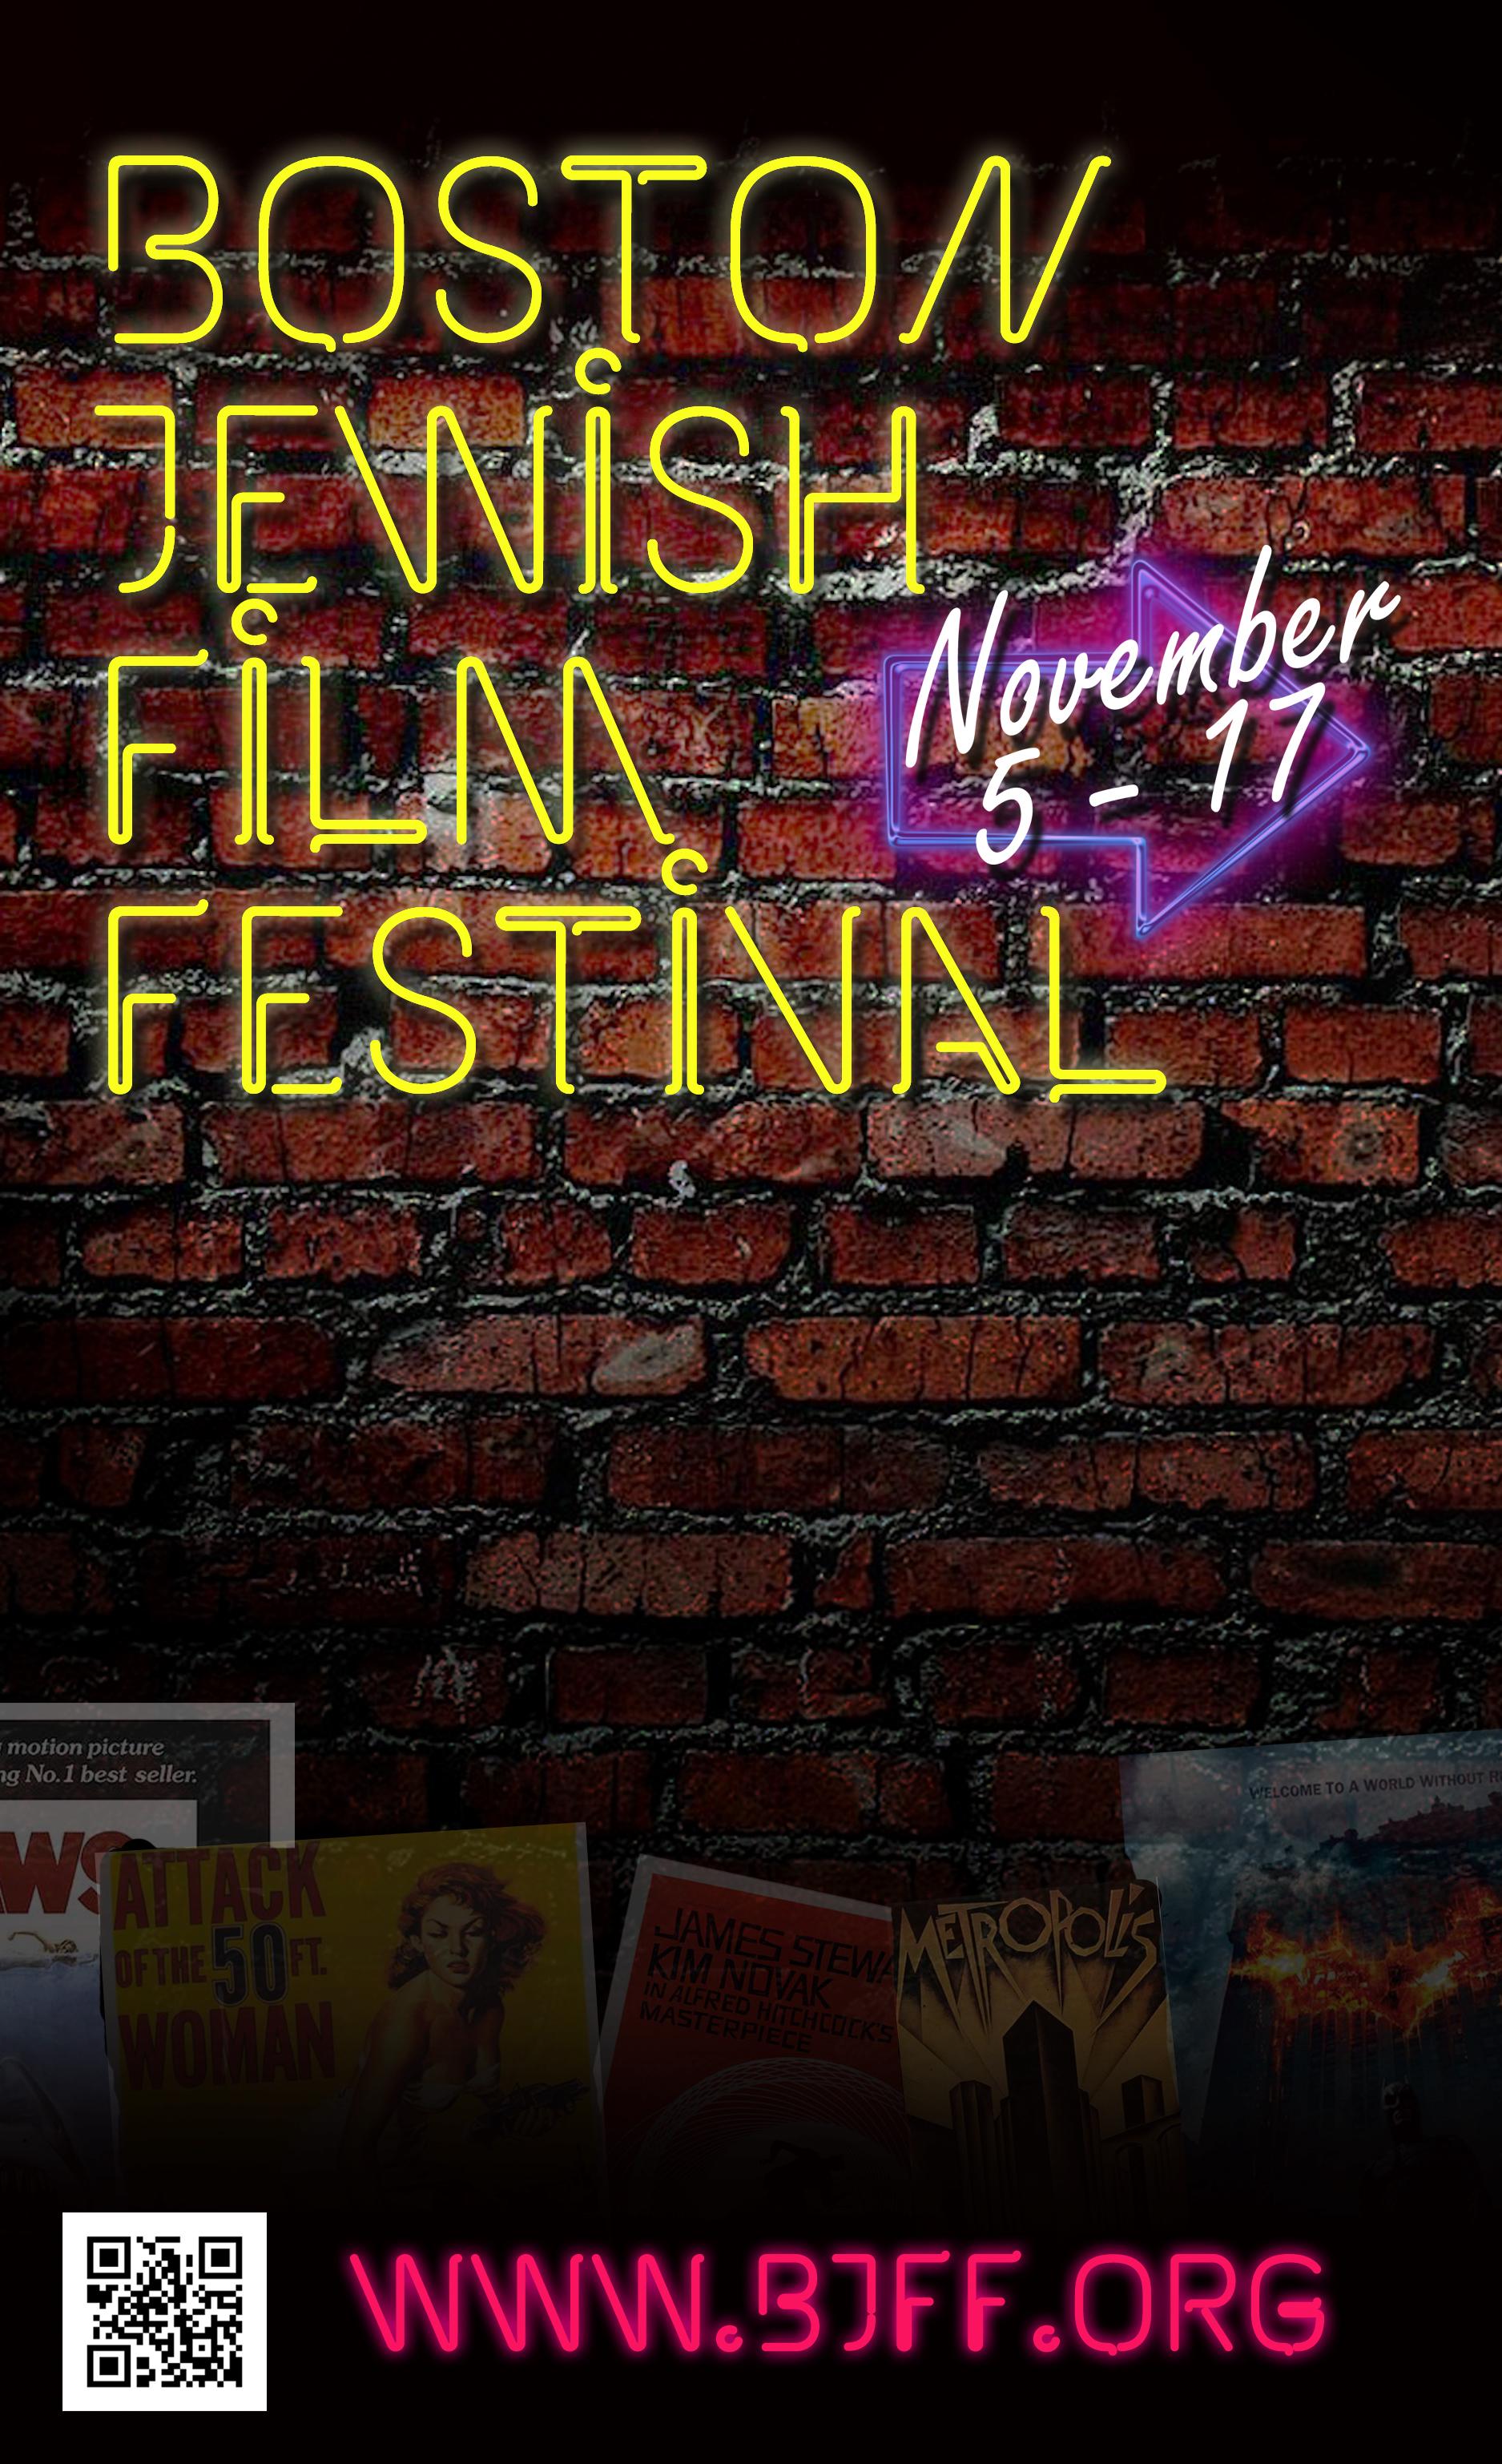 Festival Brochure Cover, Boston Jewish Film Festival, 2014